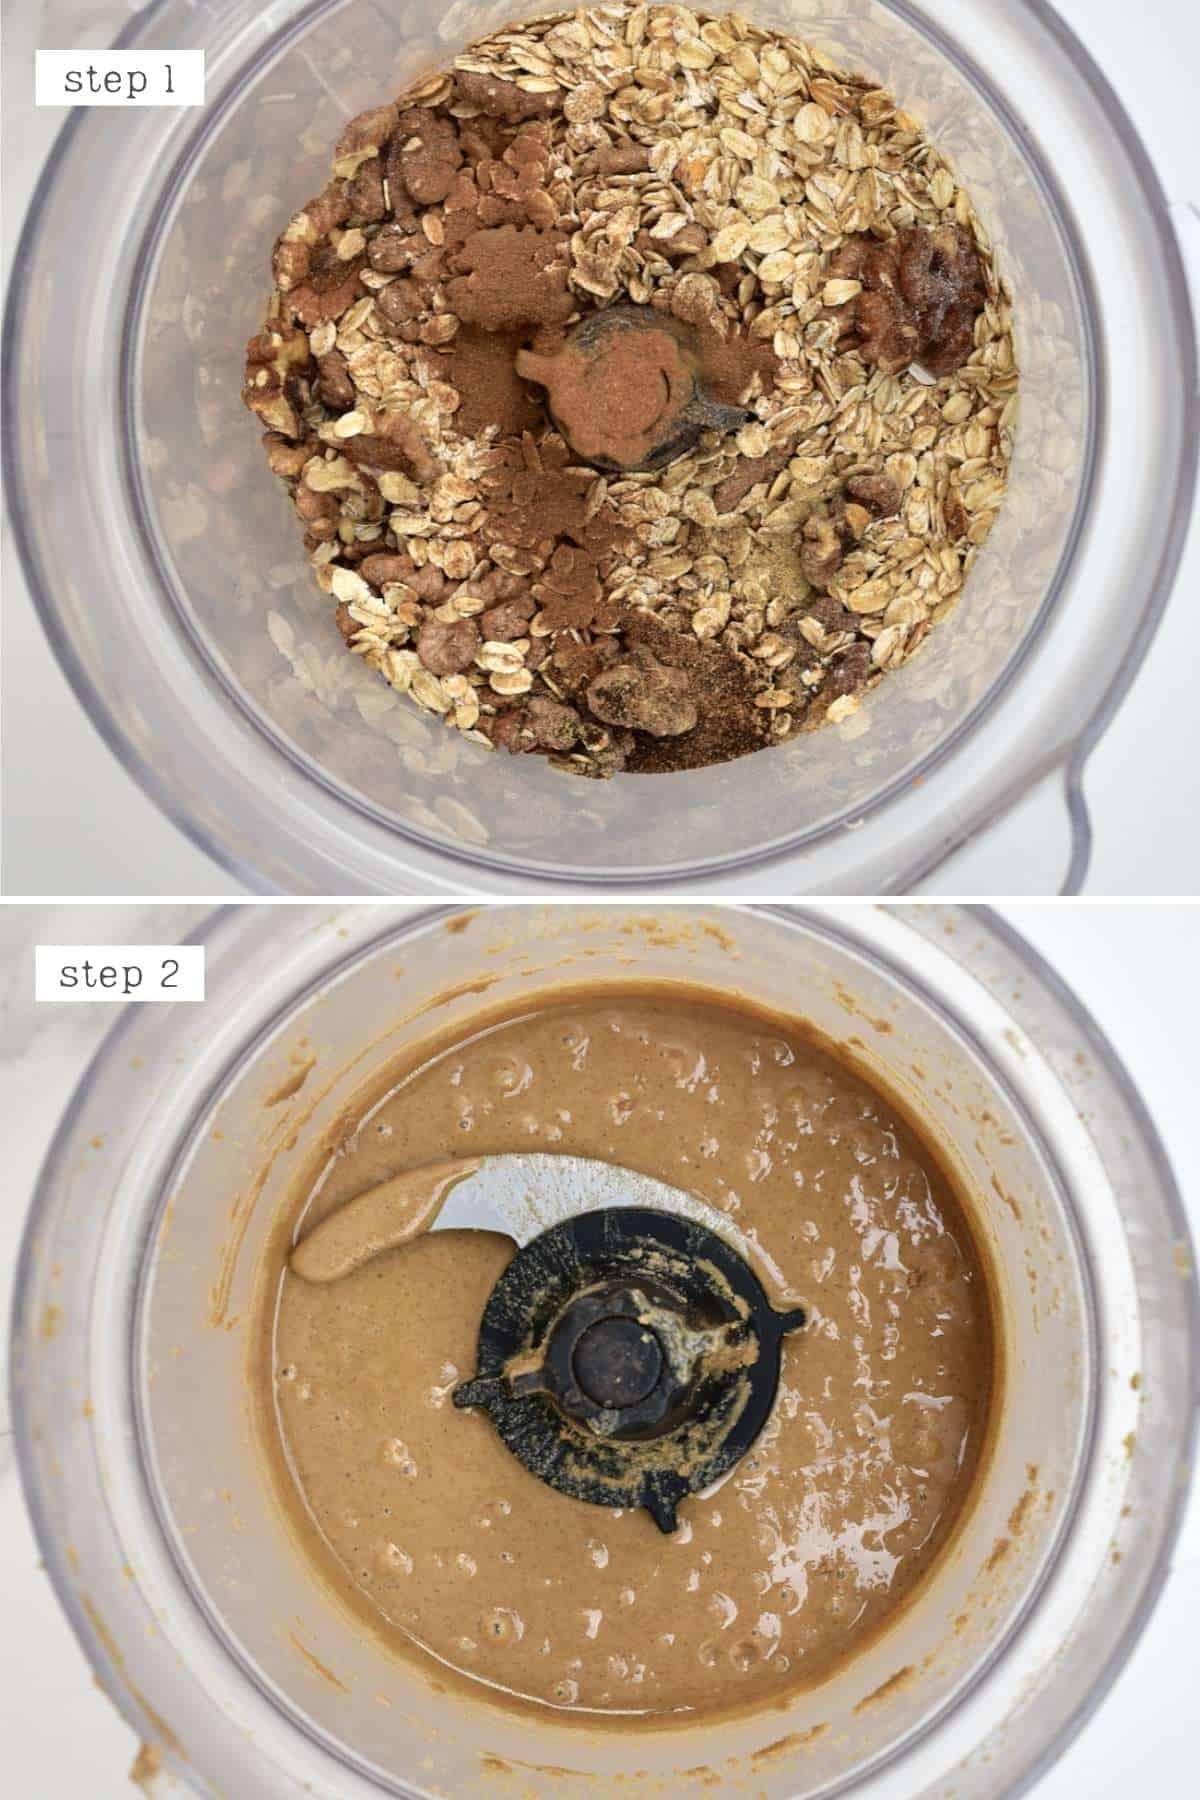 Steps for blending oatmeal butter